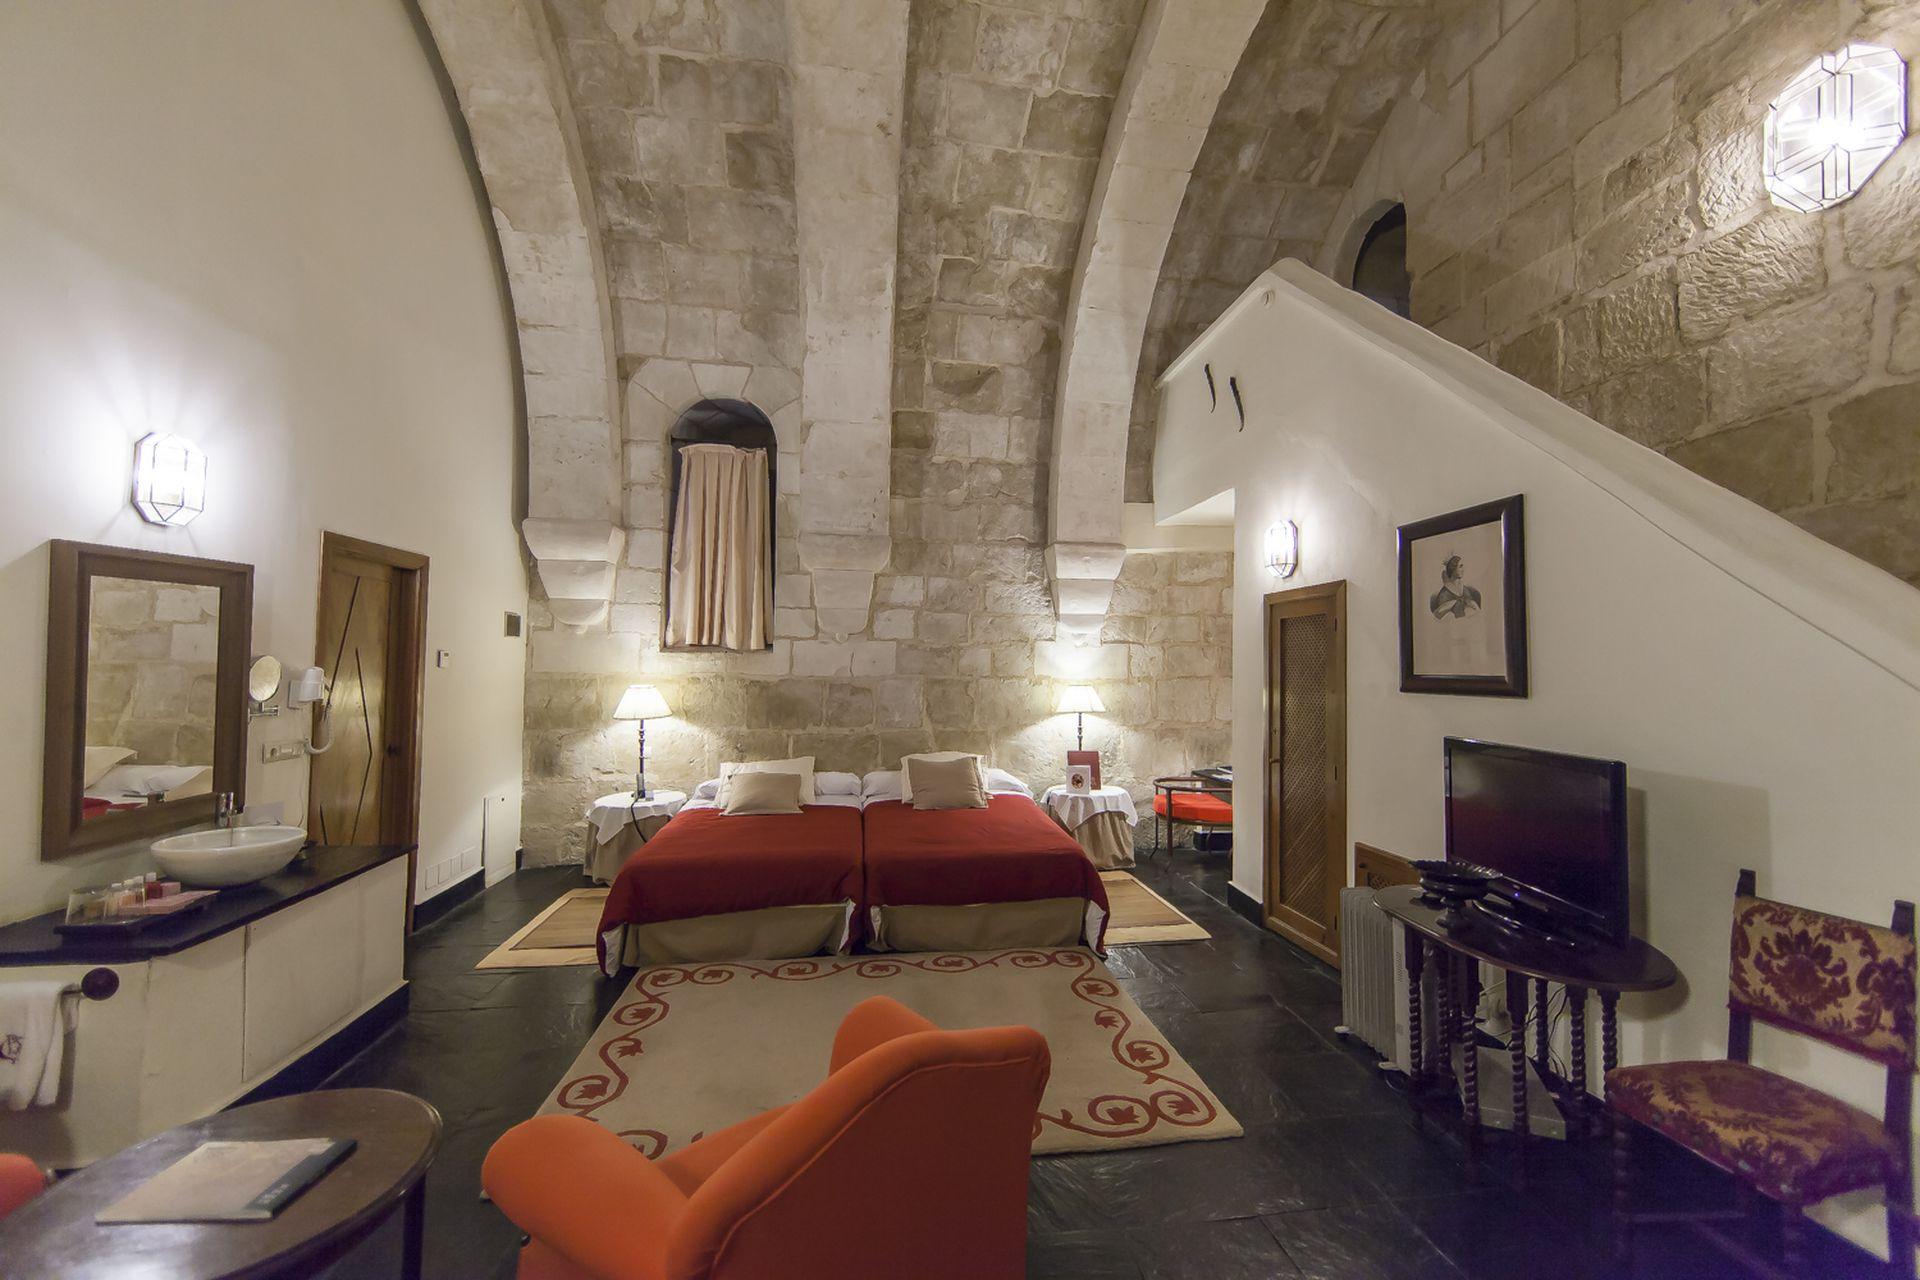 La antigua solidez de la construcción se hace presente en la suite, donde el descanso está asegurado.